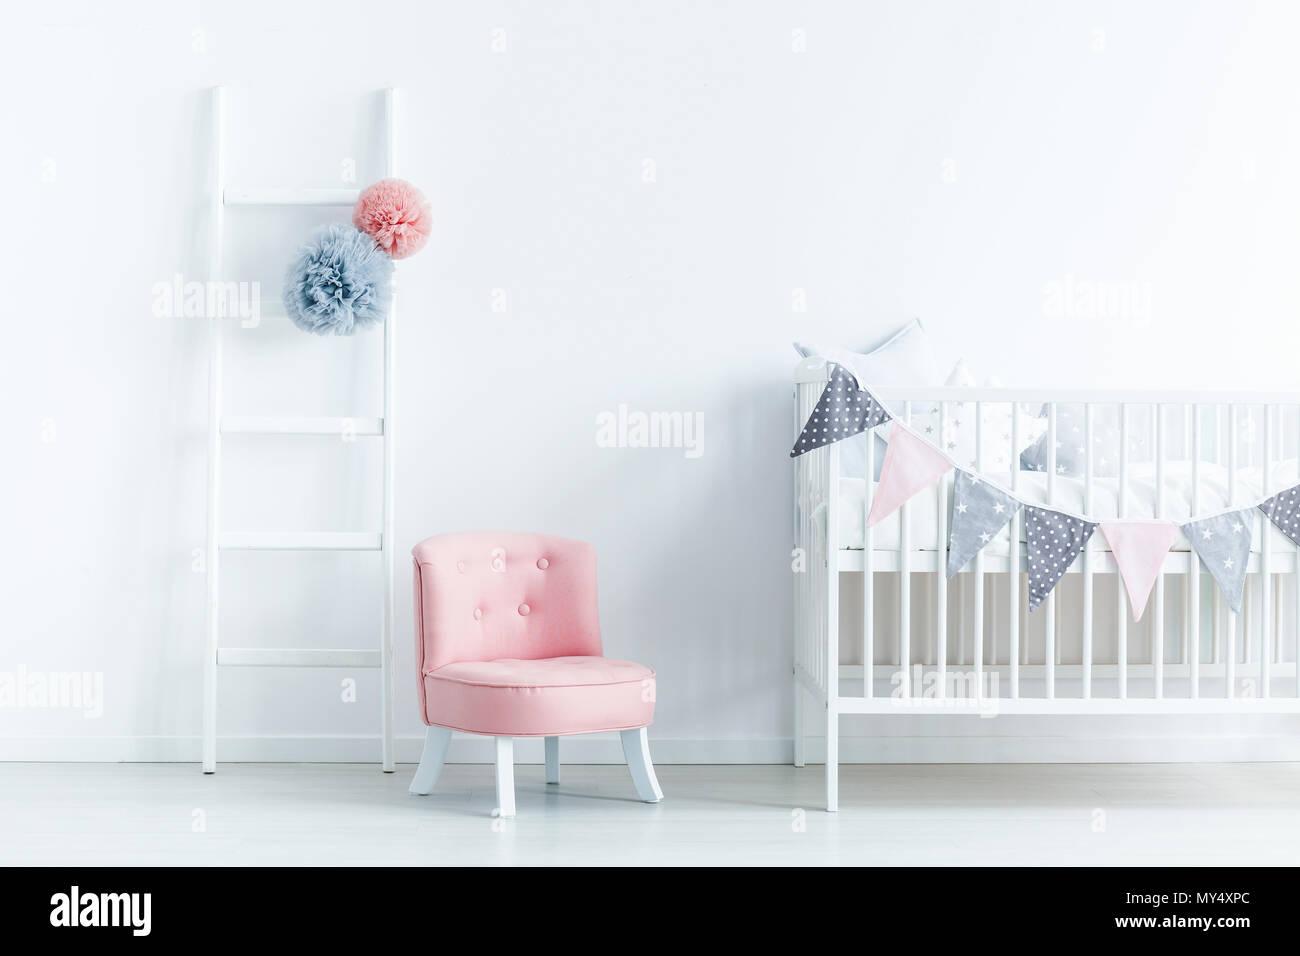 Schlafzimmer Stuhl | Rosa Stuhl Neben Weissen Wiege In Der Pastellfarbenen Baby